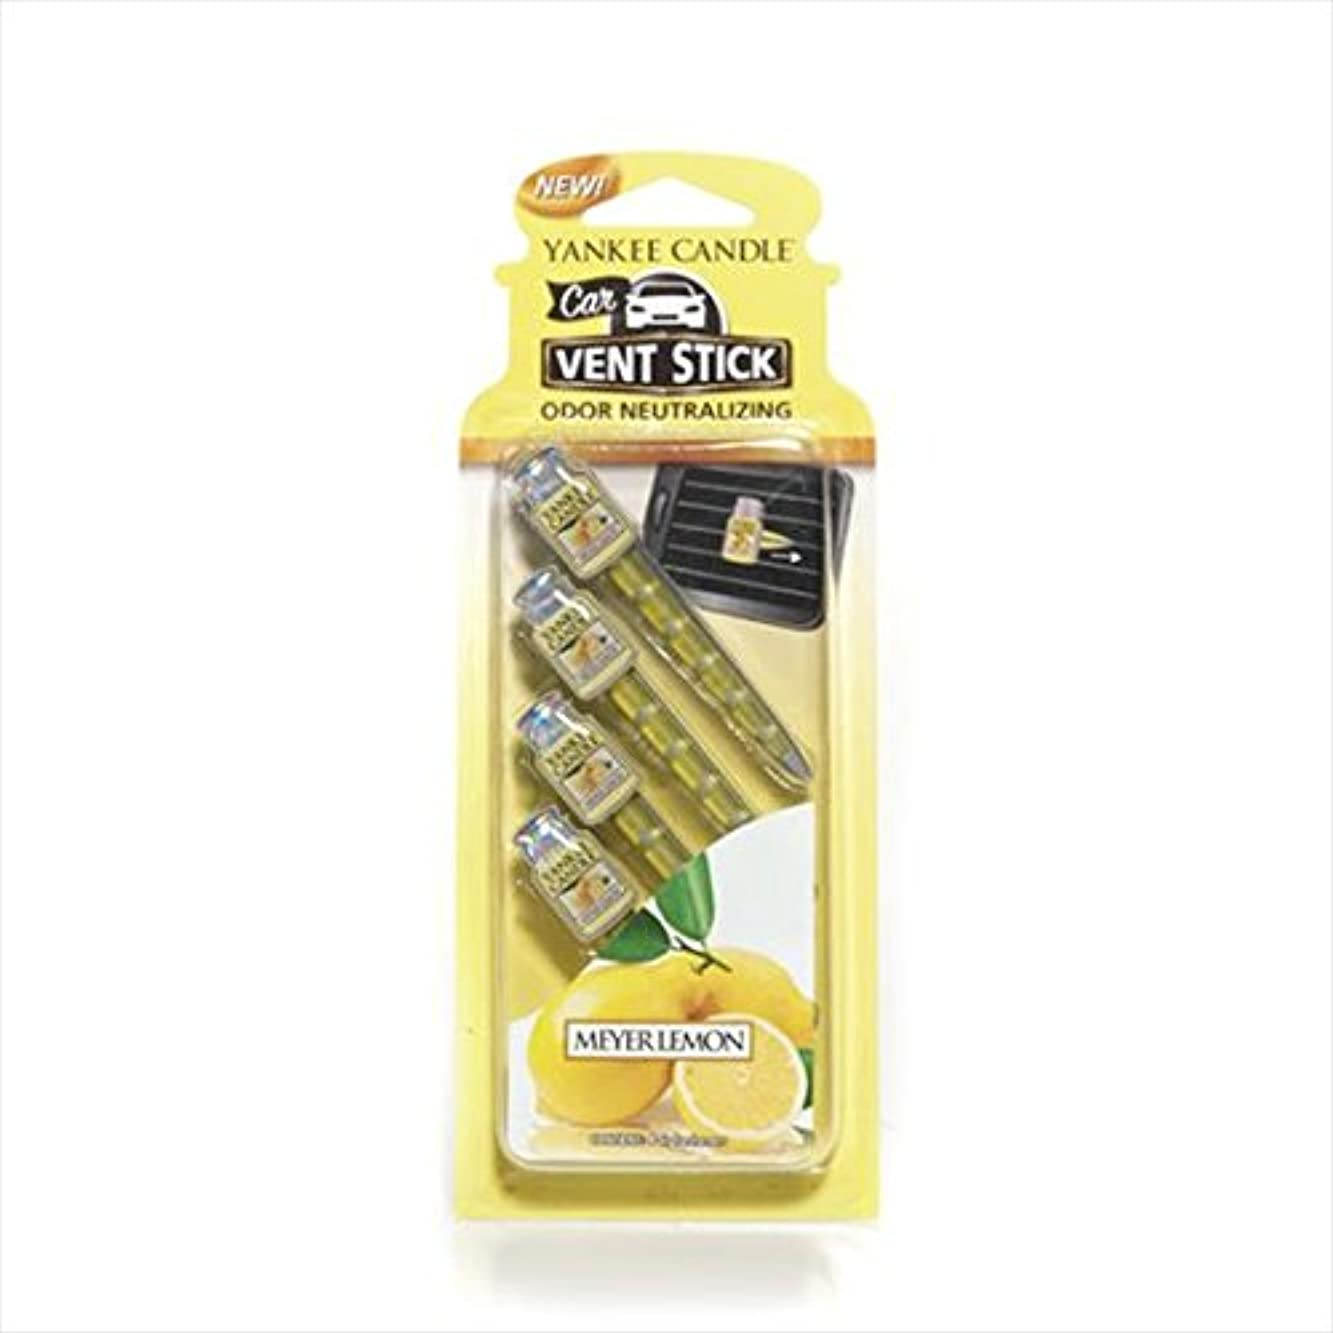 お金ゴム温かいいつヤンキーキャンドル(YANKEE CANDLE) YANKEE CANDLEカーフレグランススティック 「 メイヤーレモン 」